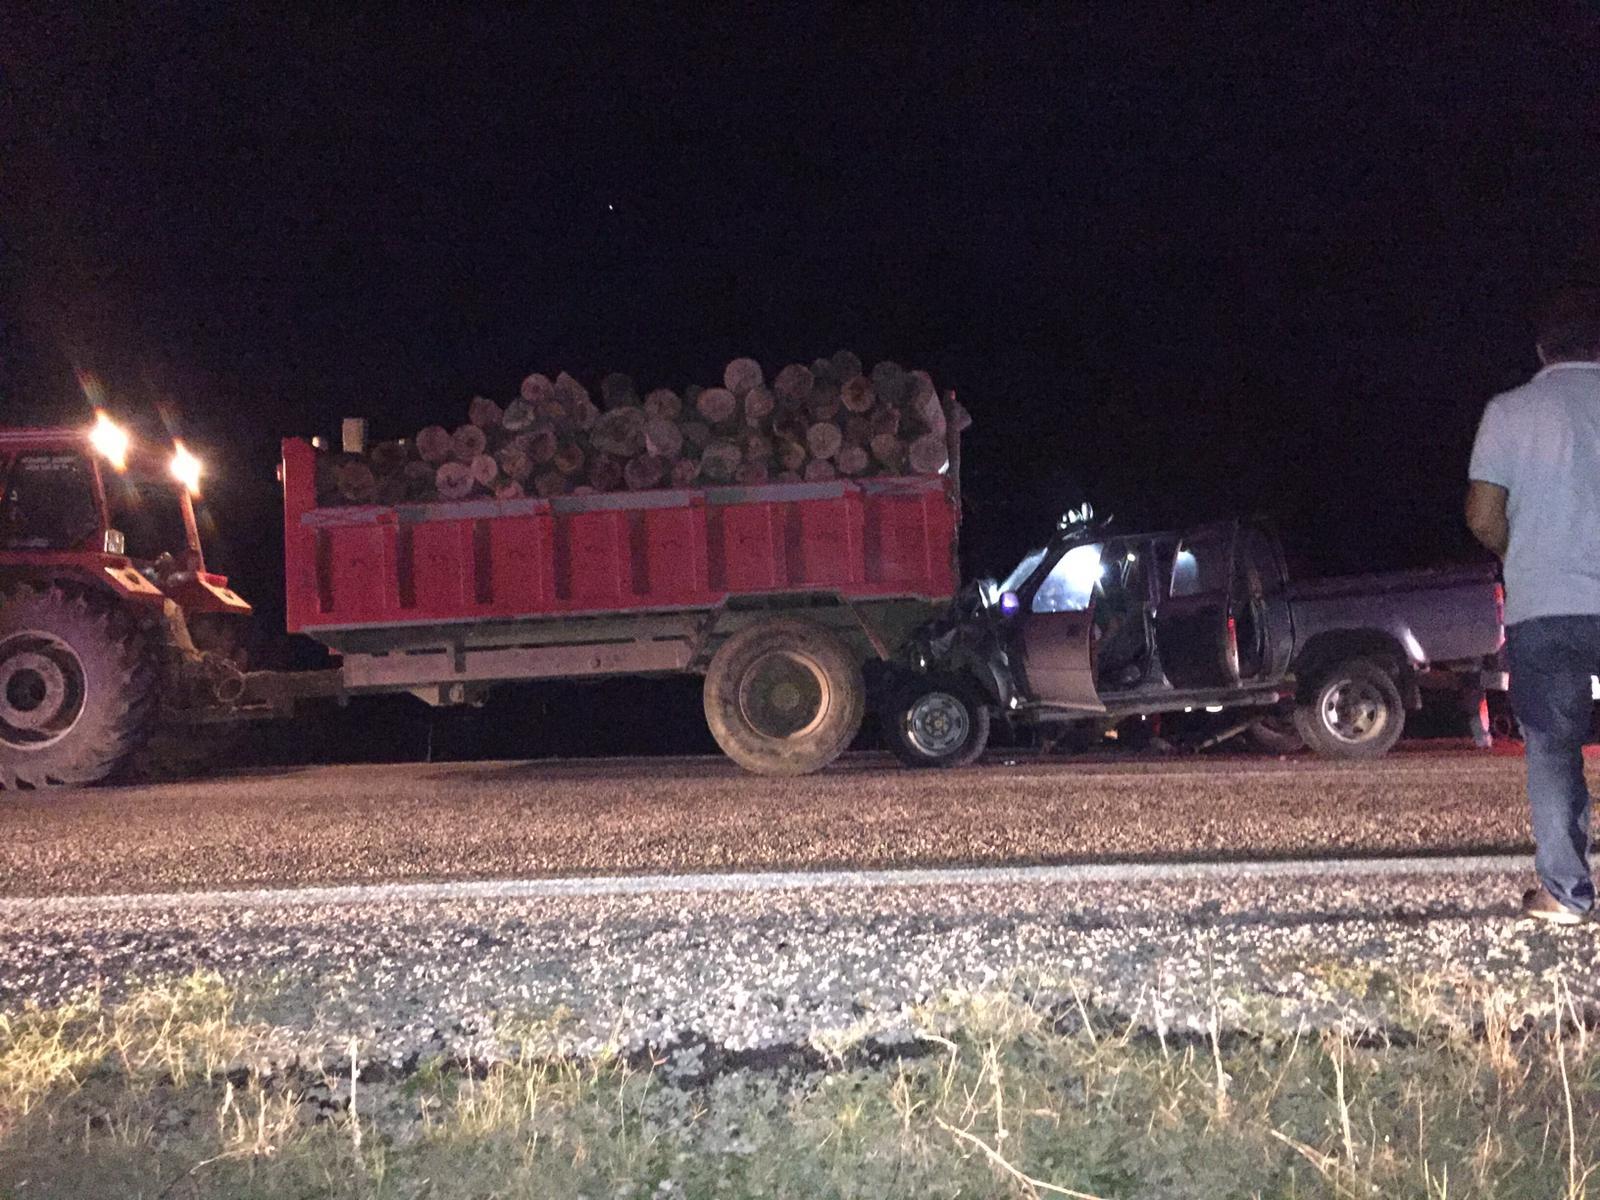 Kamyonet traktöre çarptı: 1 ölü, 3 yaralı